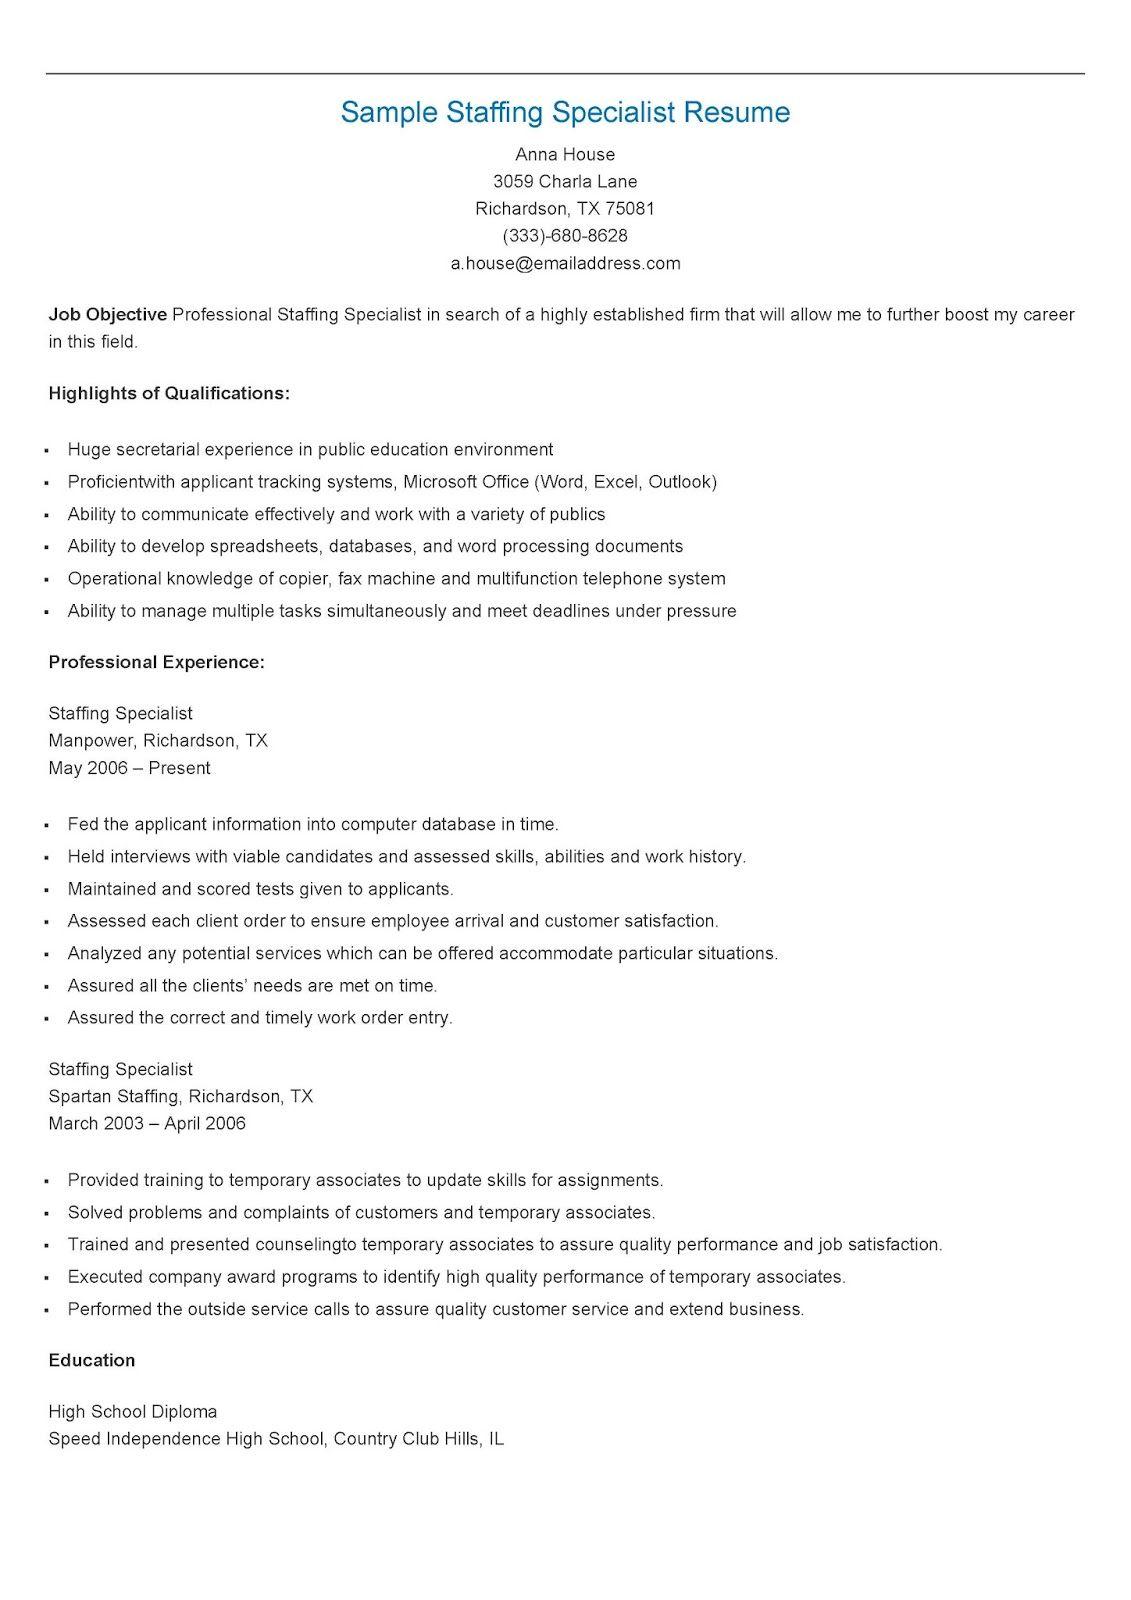 Sample Staffing Specialist Resume | resame | Resume, Sample resume ...